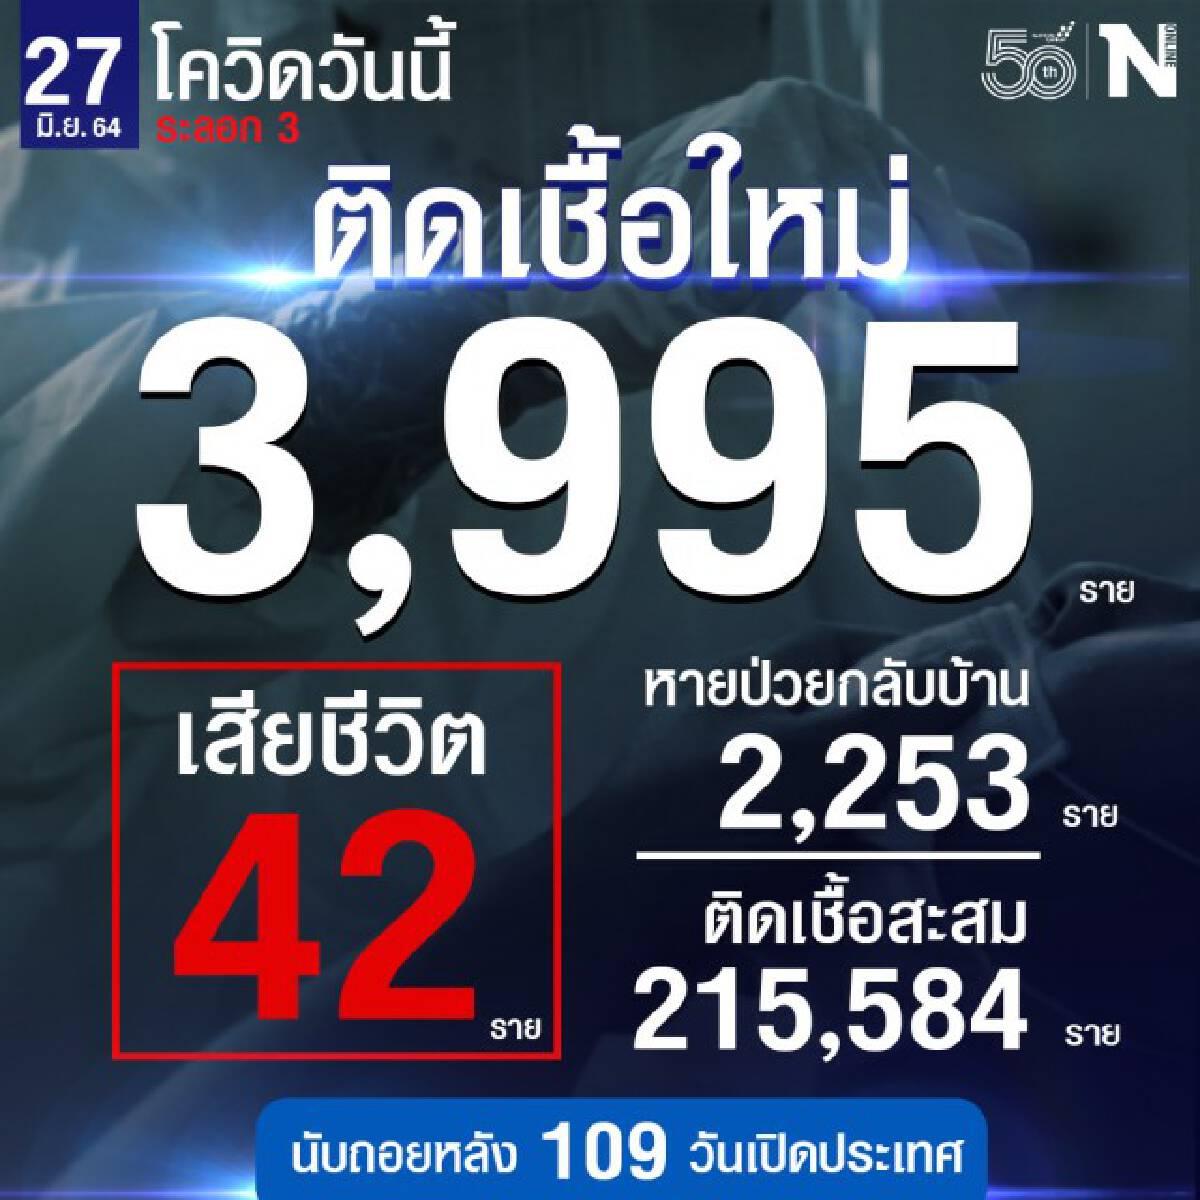 ศบค.เผย ยอดผู้ติดเชื้อรายใหม่วันนี้ รวม 3,995 ราย หายป่วยกลับบ้าน 2,253 ราย เสียชีวิต 42 ราย